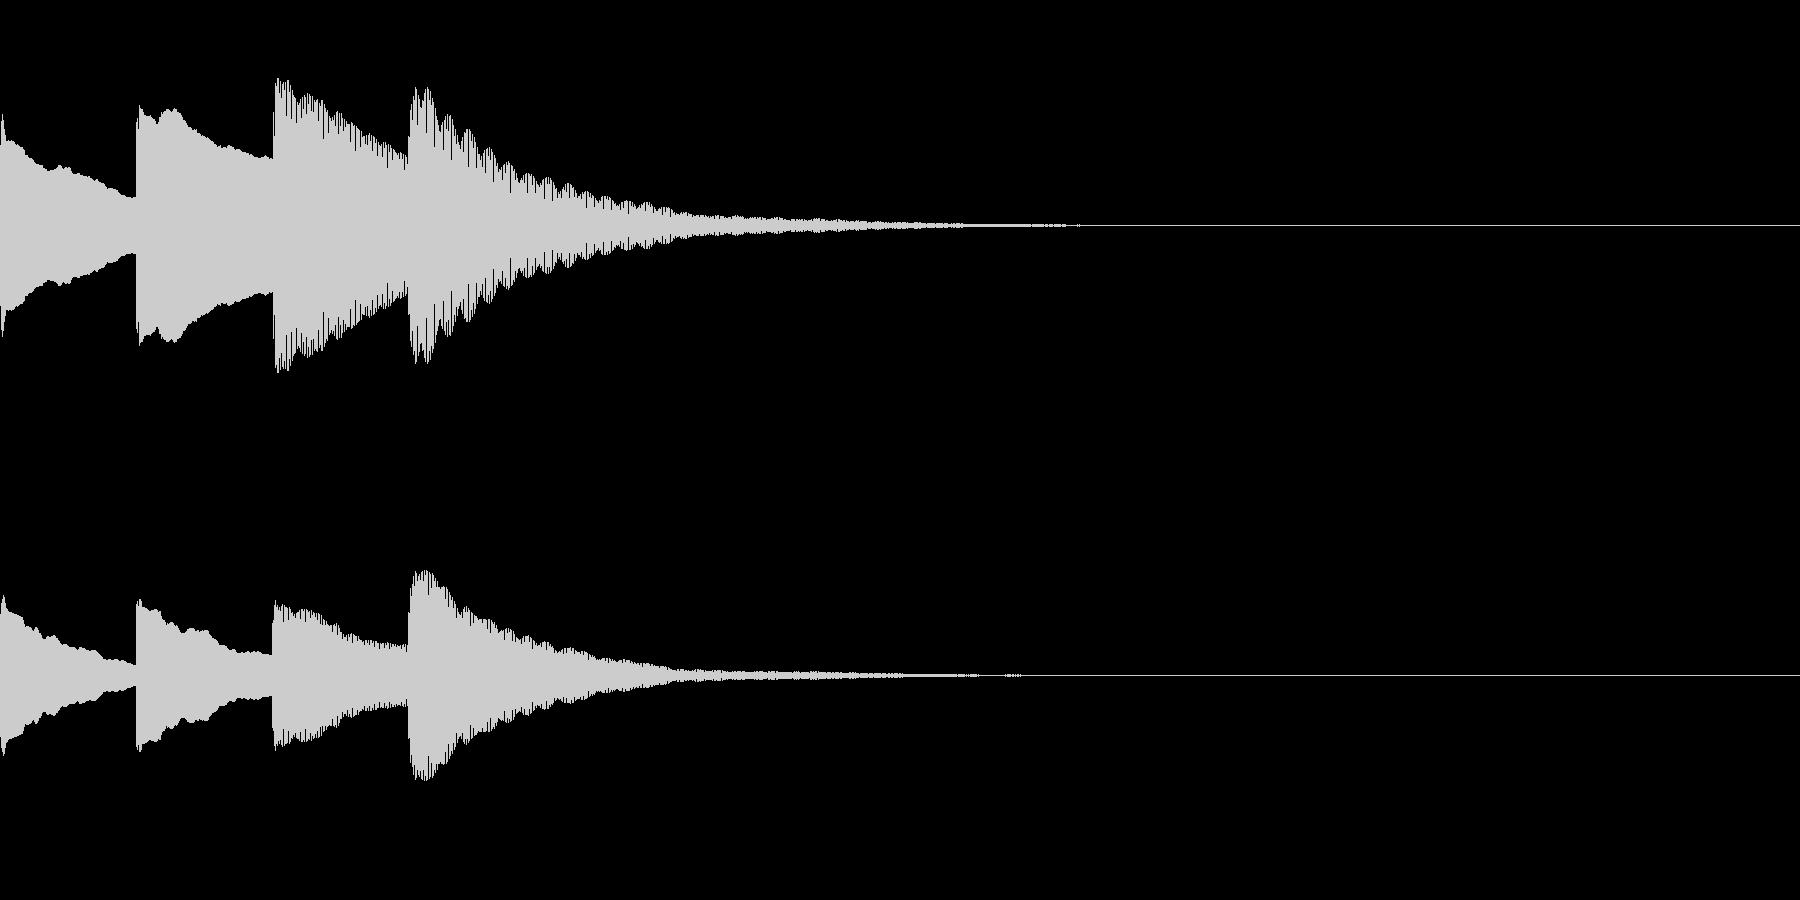 お知らせ・アナウンス音B下降(普通)06の未再生の波形